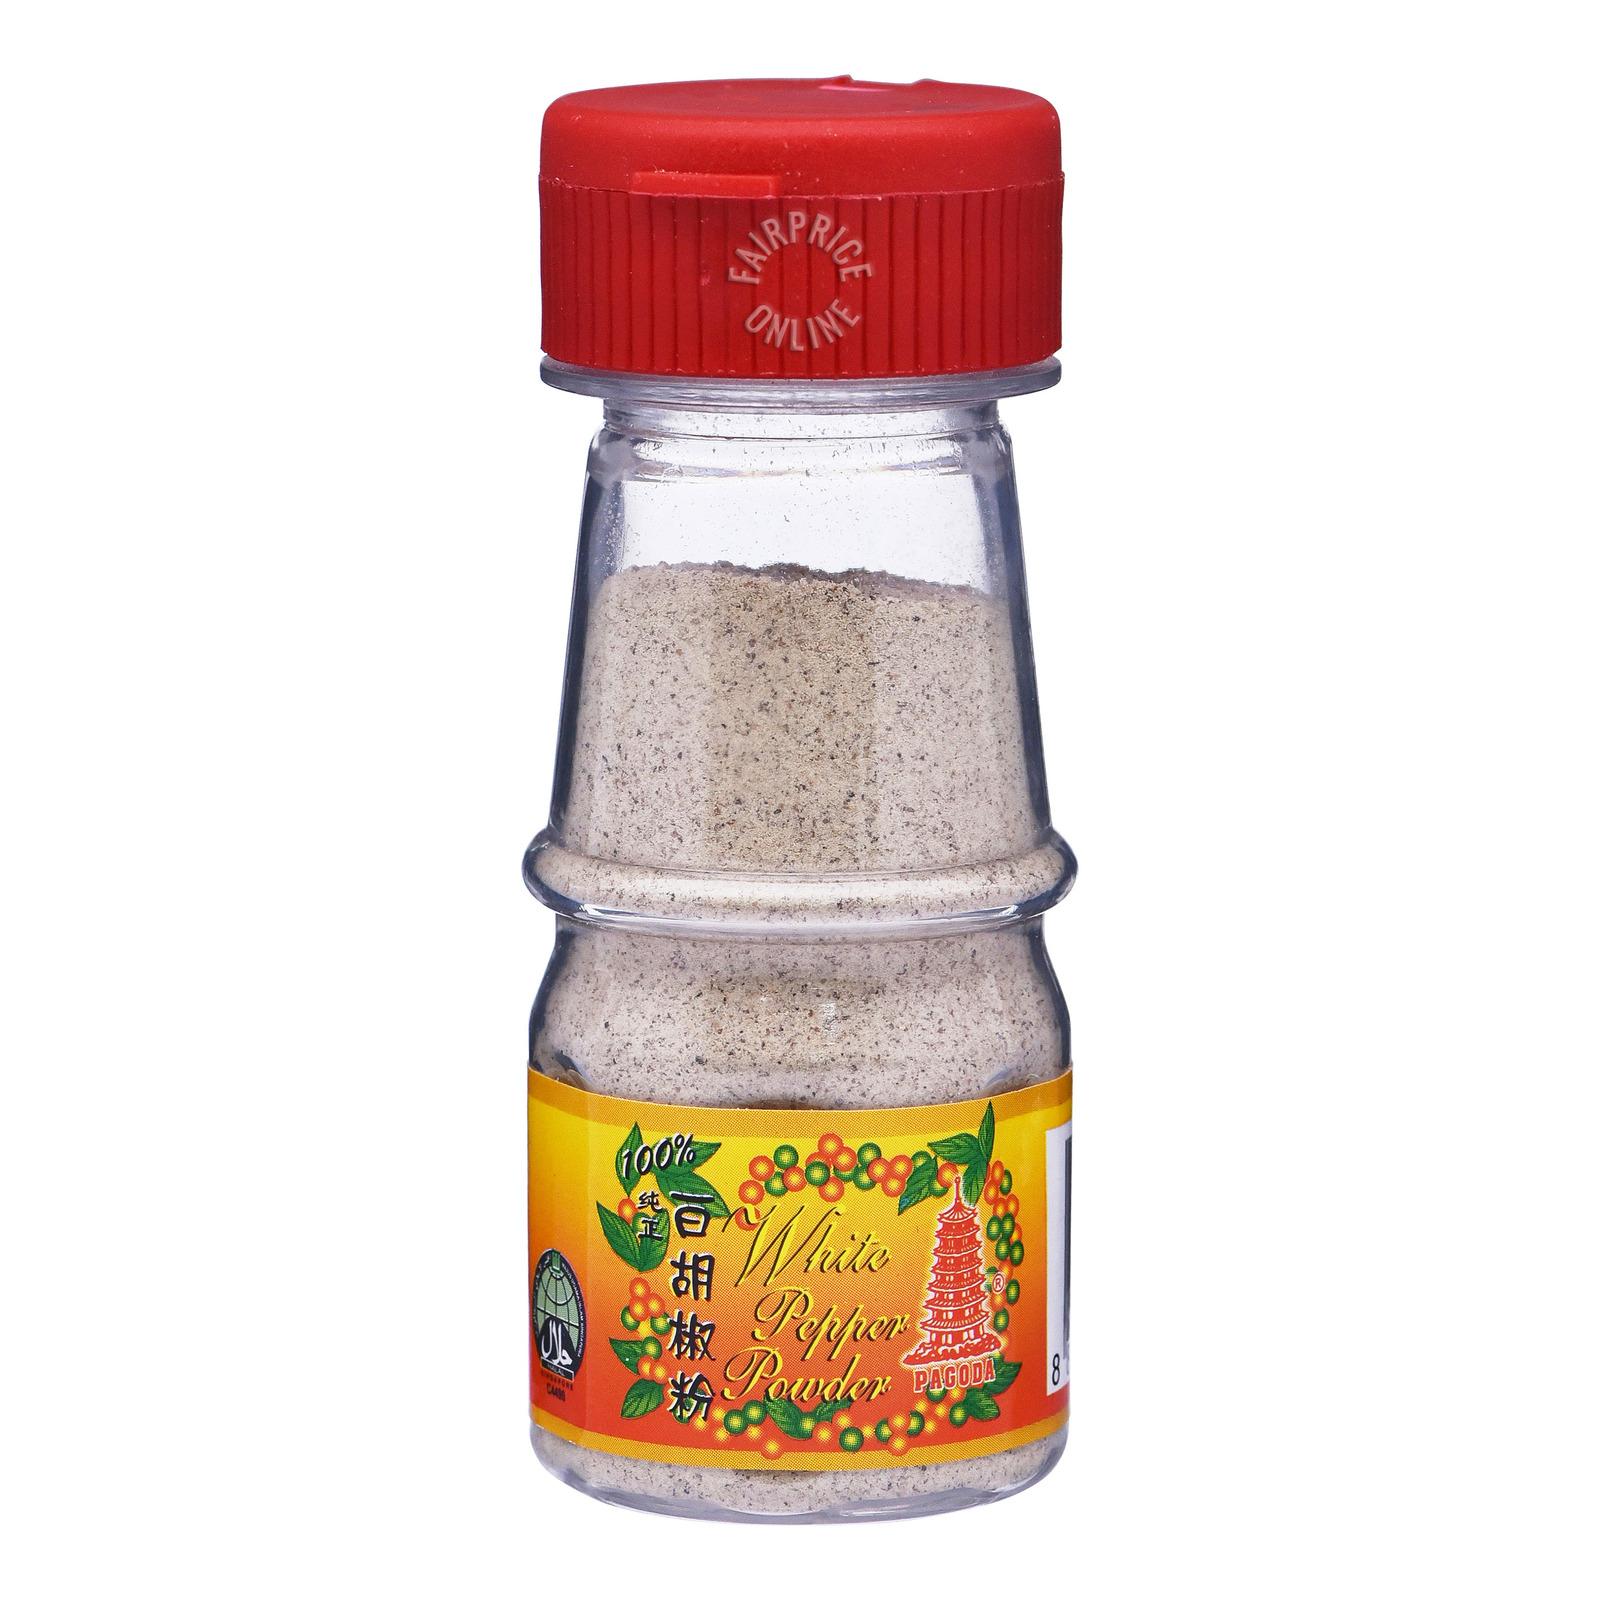 Pagoda White Pepper Powder